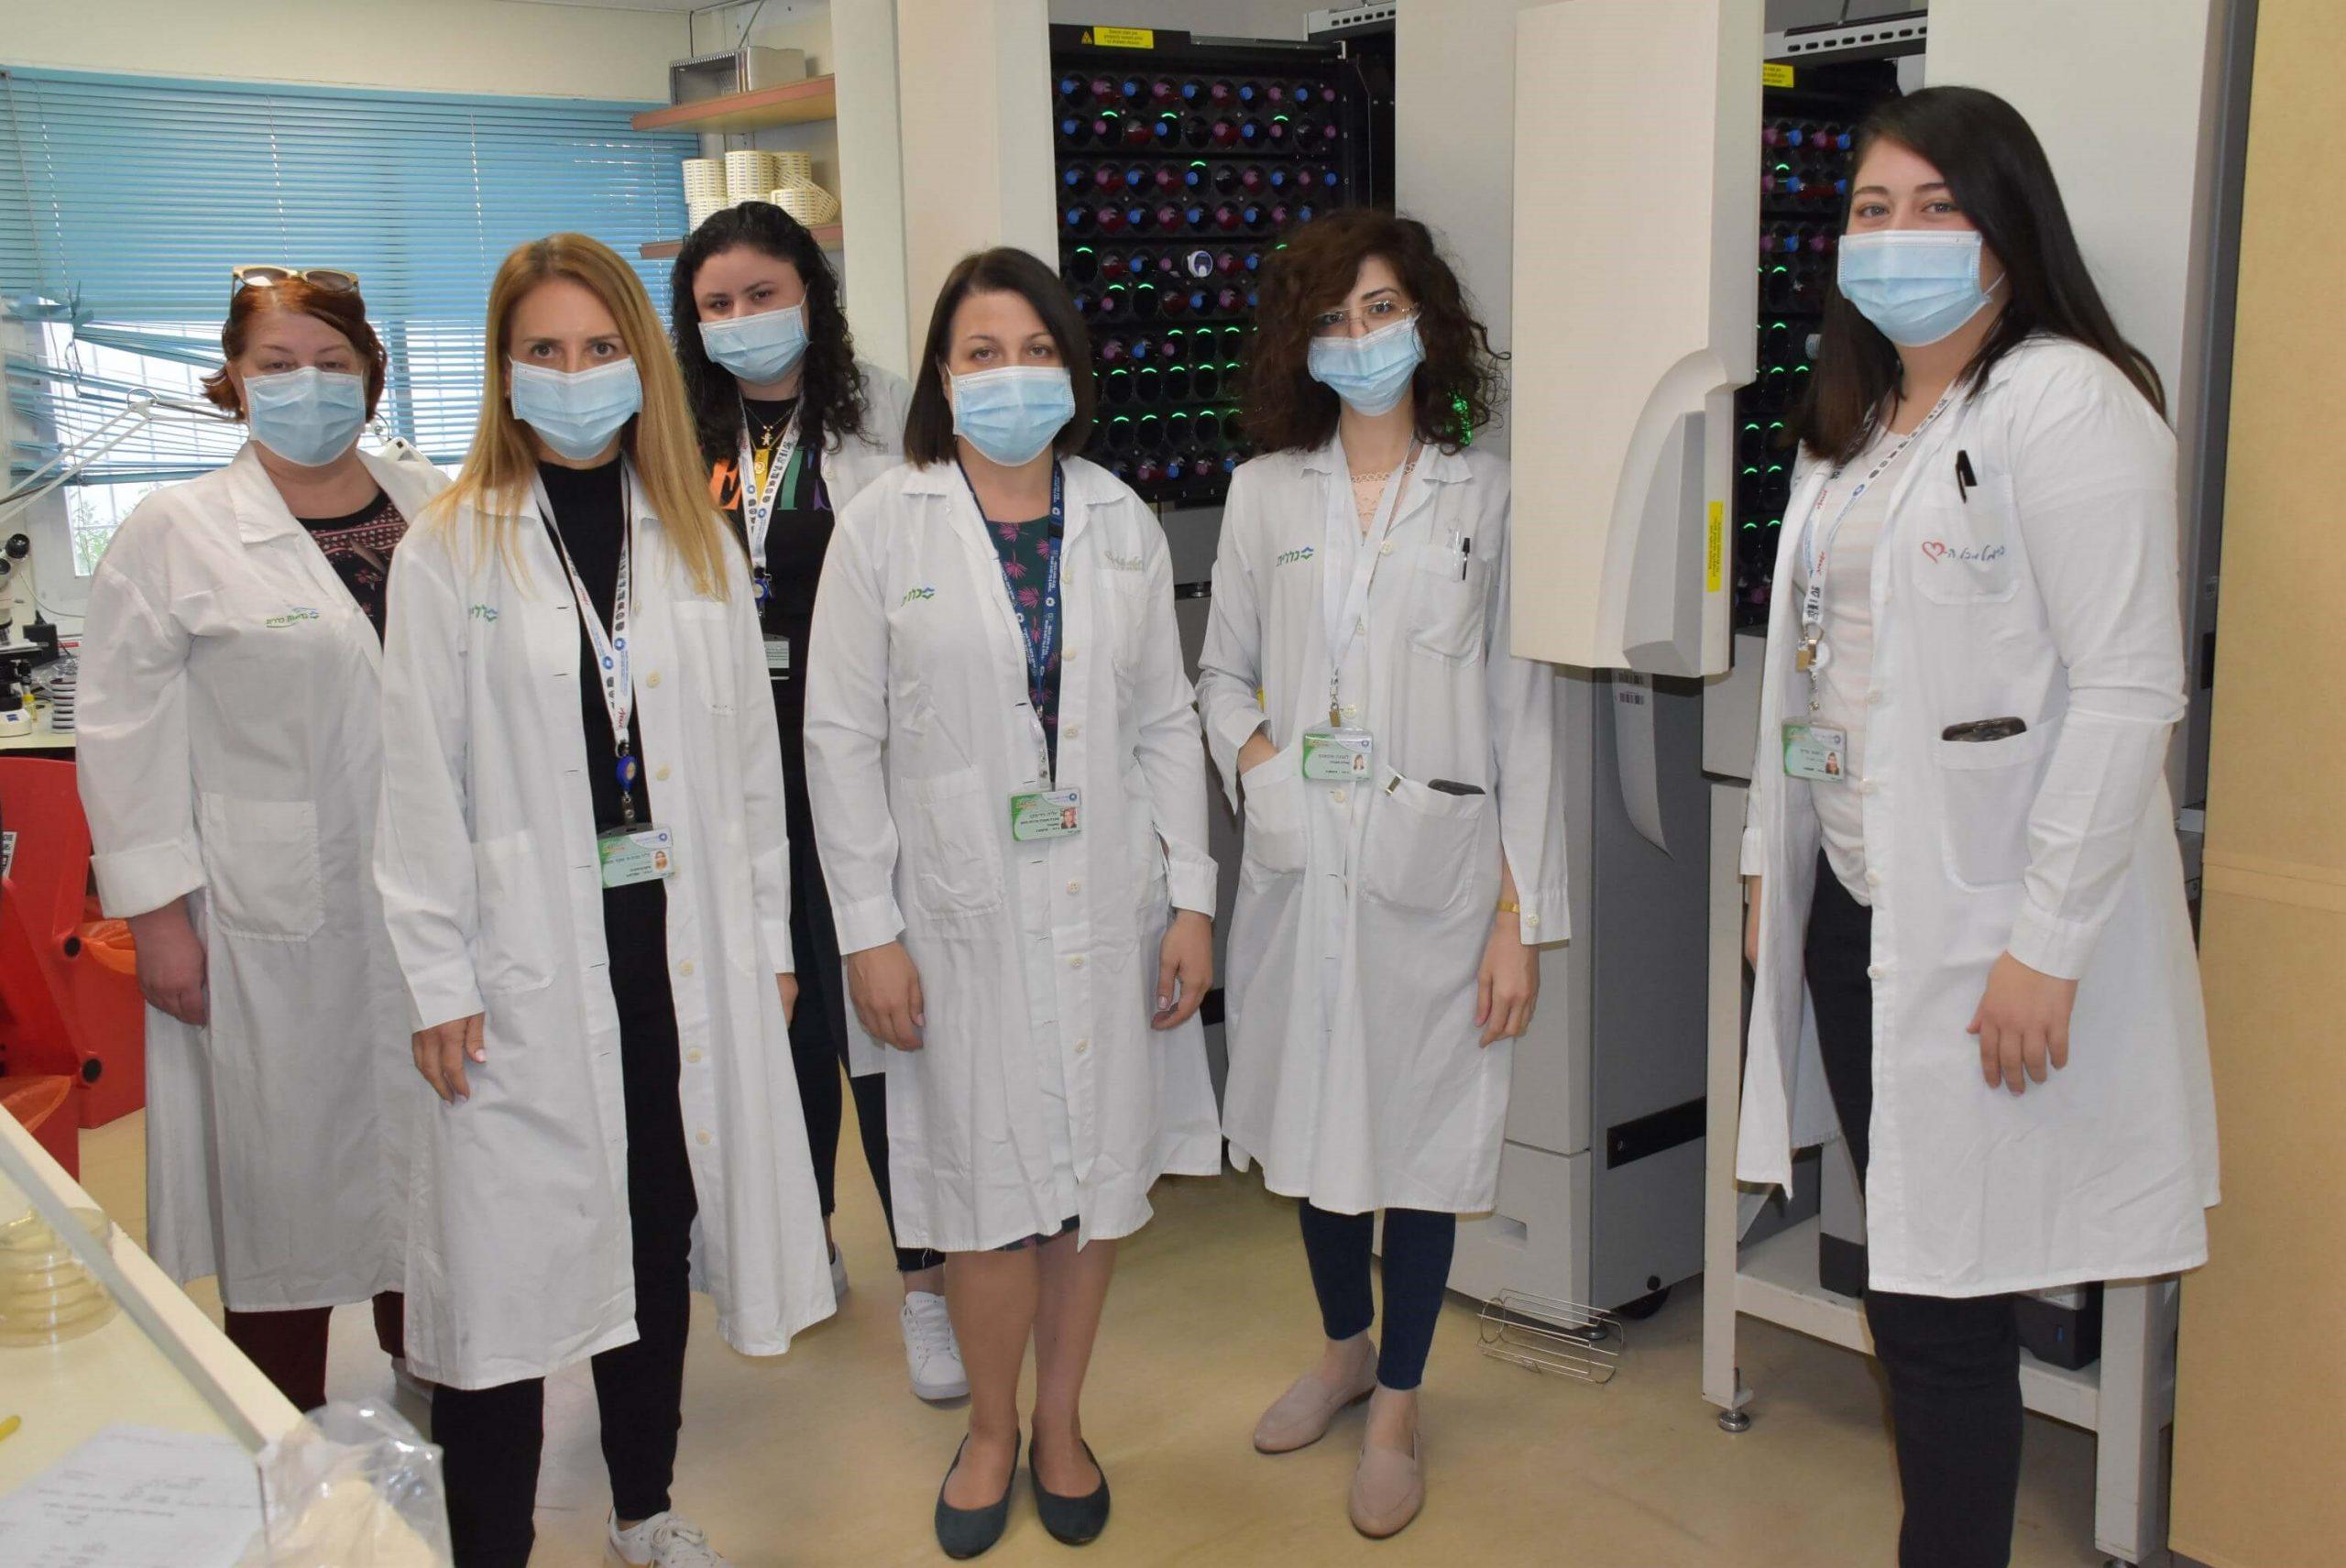 צוות המעבדה המיקרוביולוגית בבית החולים כרמל צילום: אלי דדון